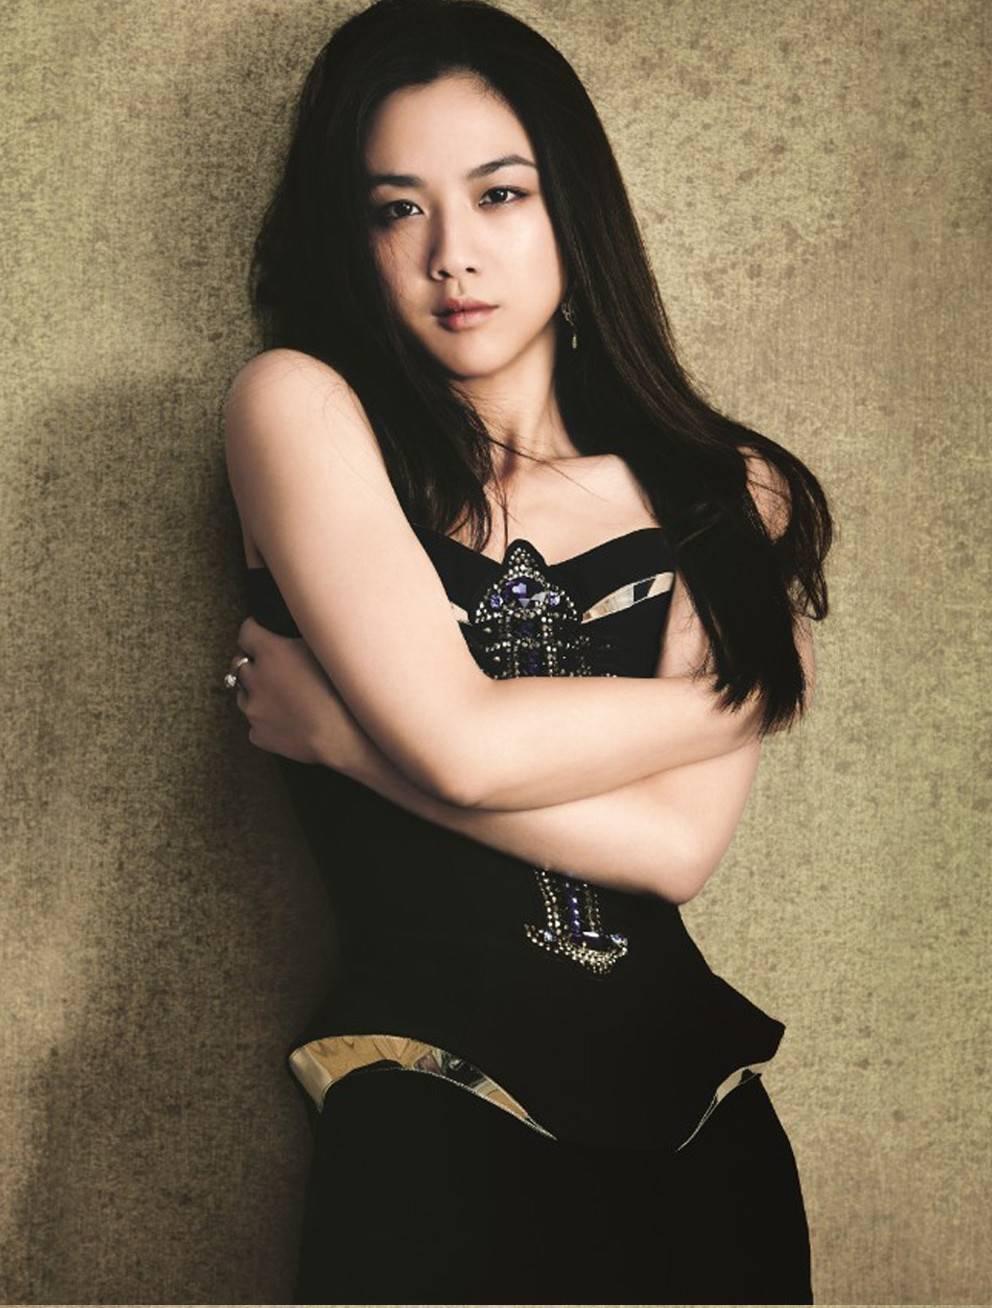 wei tang actress